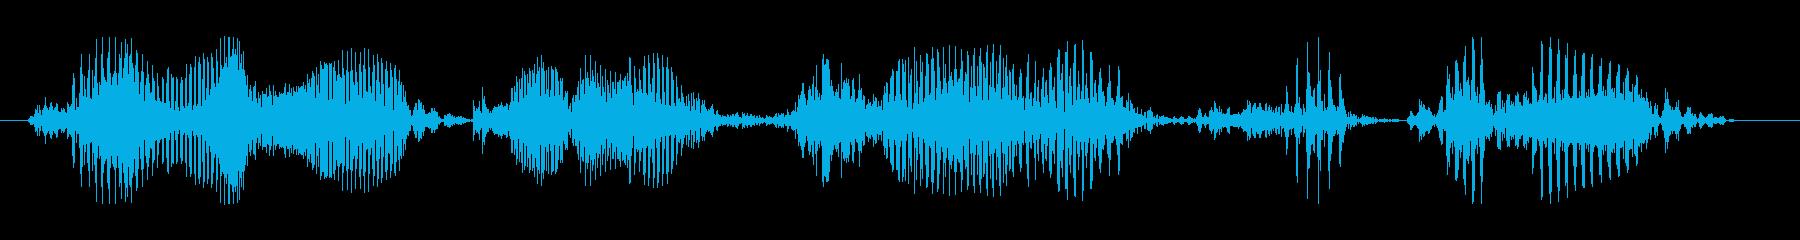 攻撃目標を確認の再生済みの波形